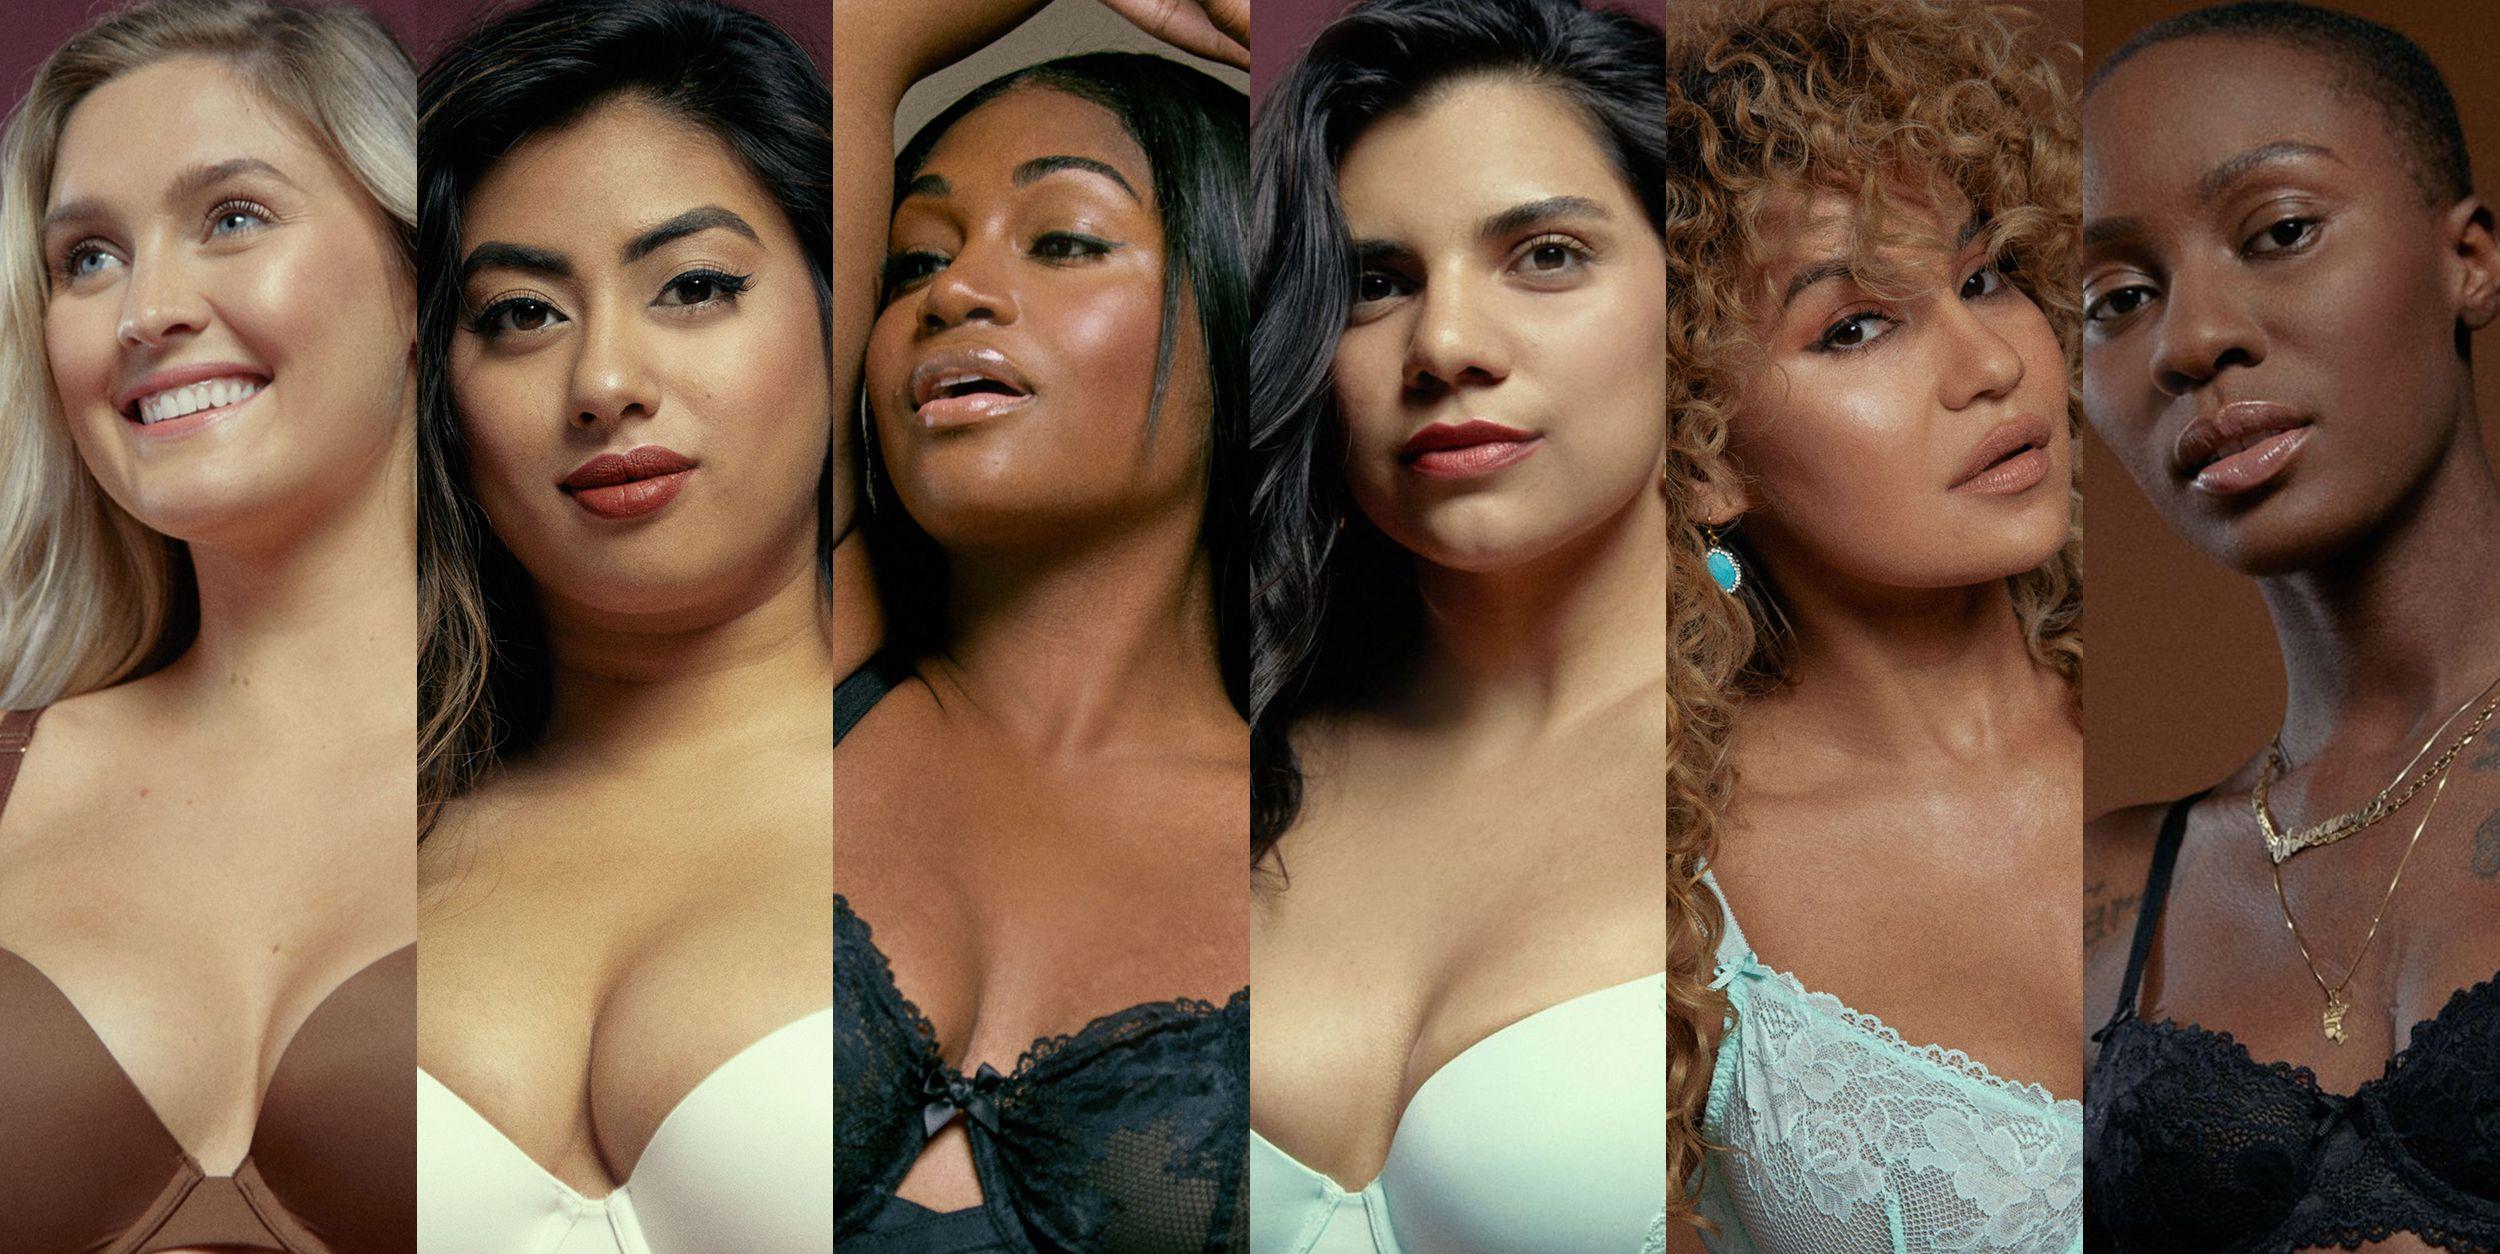 20 Women Sized 32A to 40DD Test-Drive Rihanna's Savage X Fenty Bras